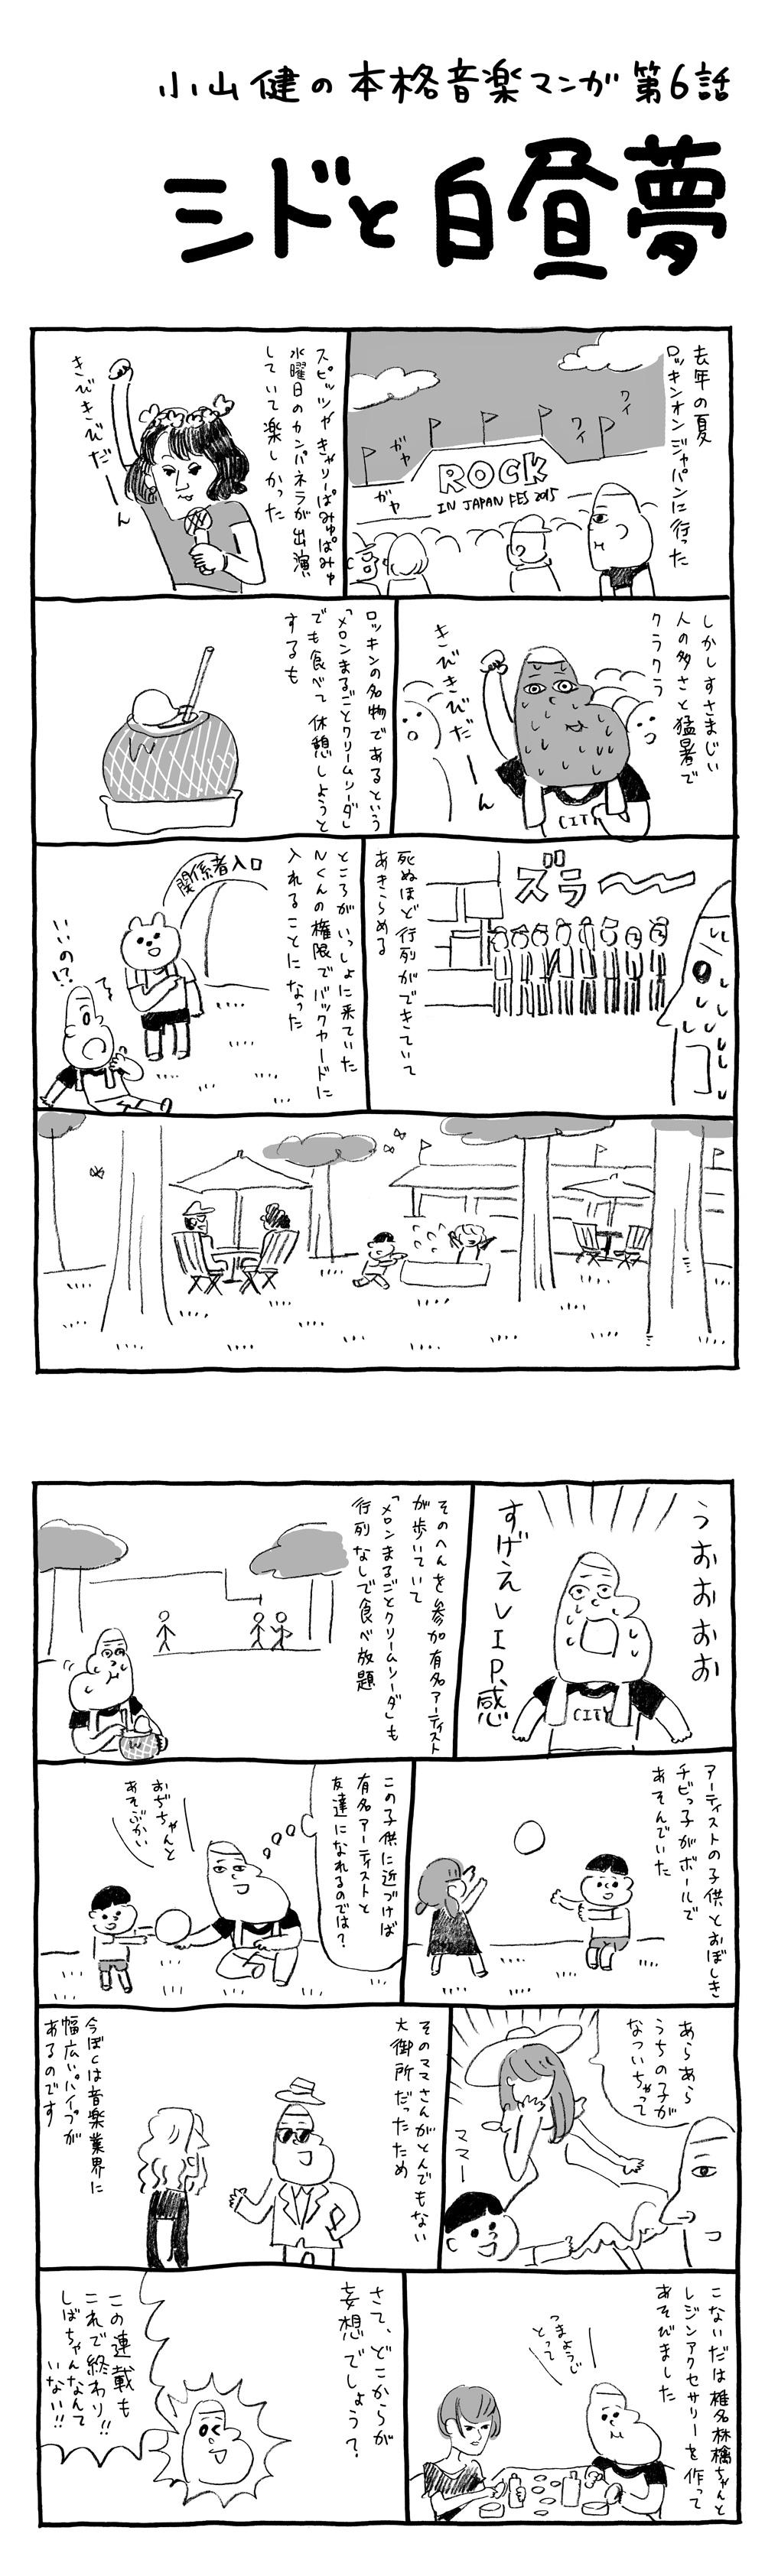 koyama-006